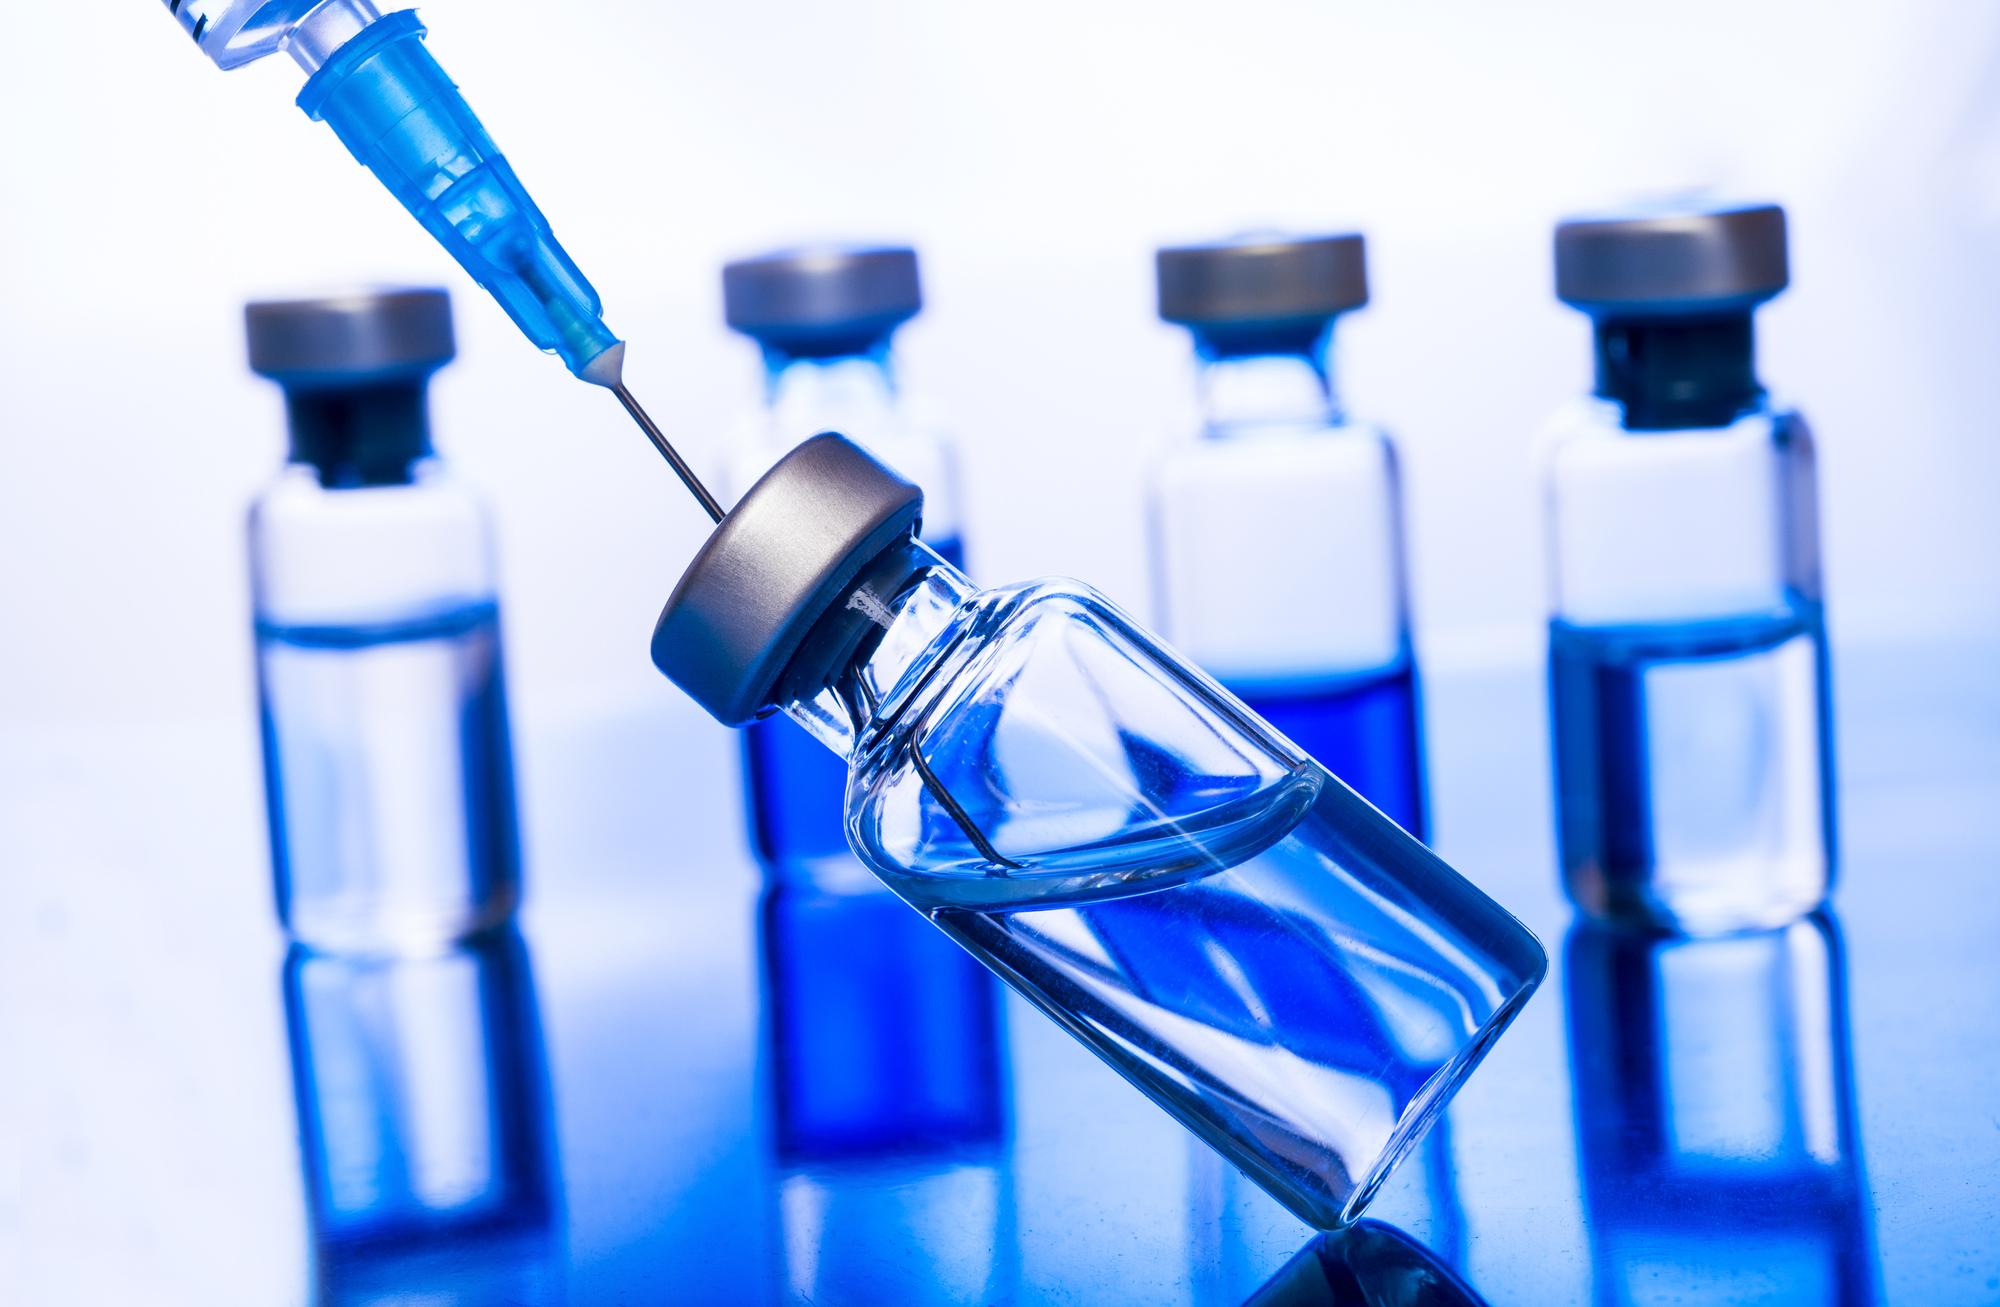 Відомо, скільки буде коштувати вакцина від коронавірусу у приватних лікарнях України